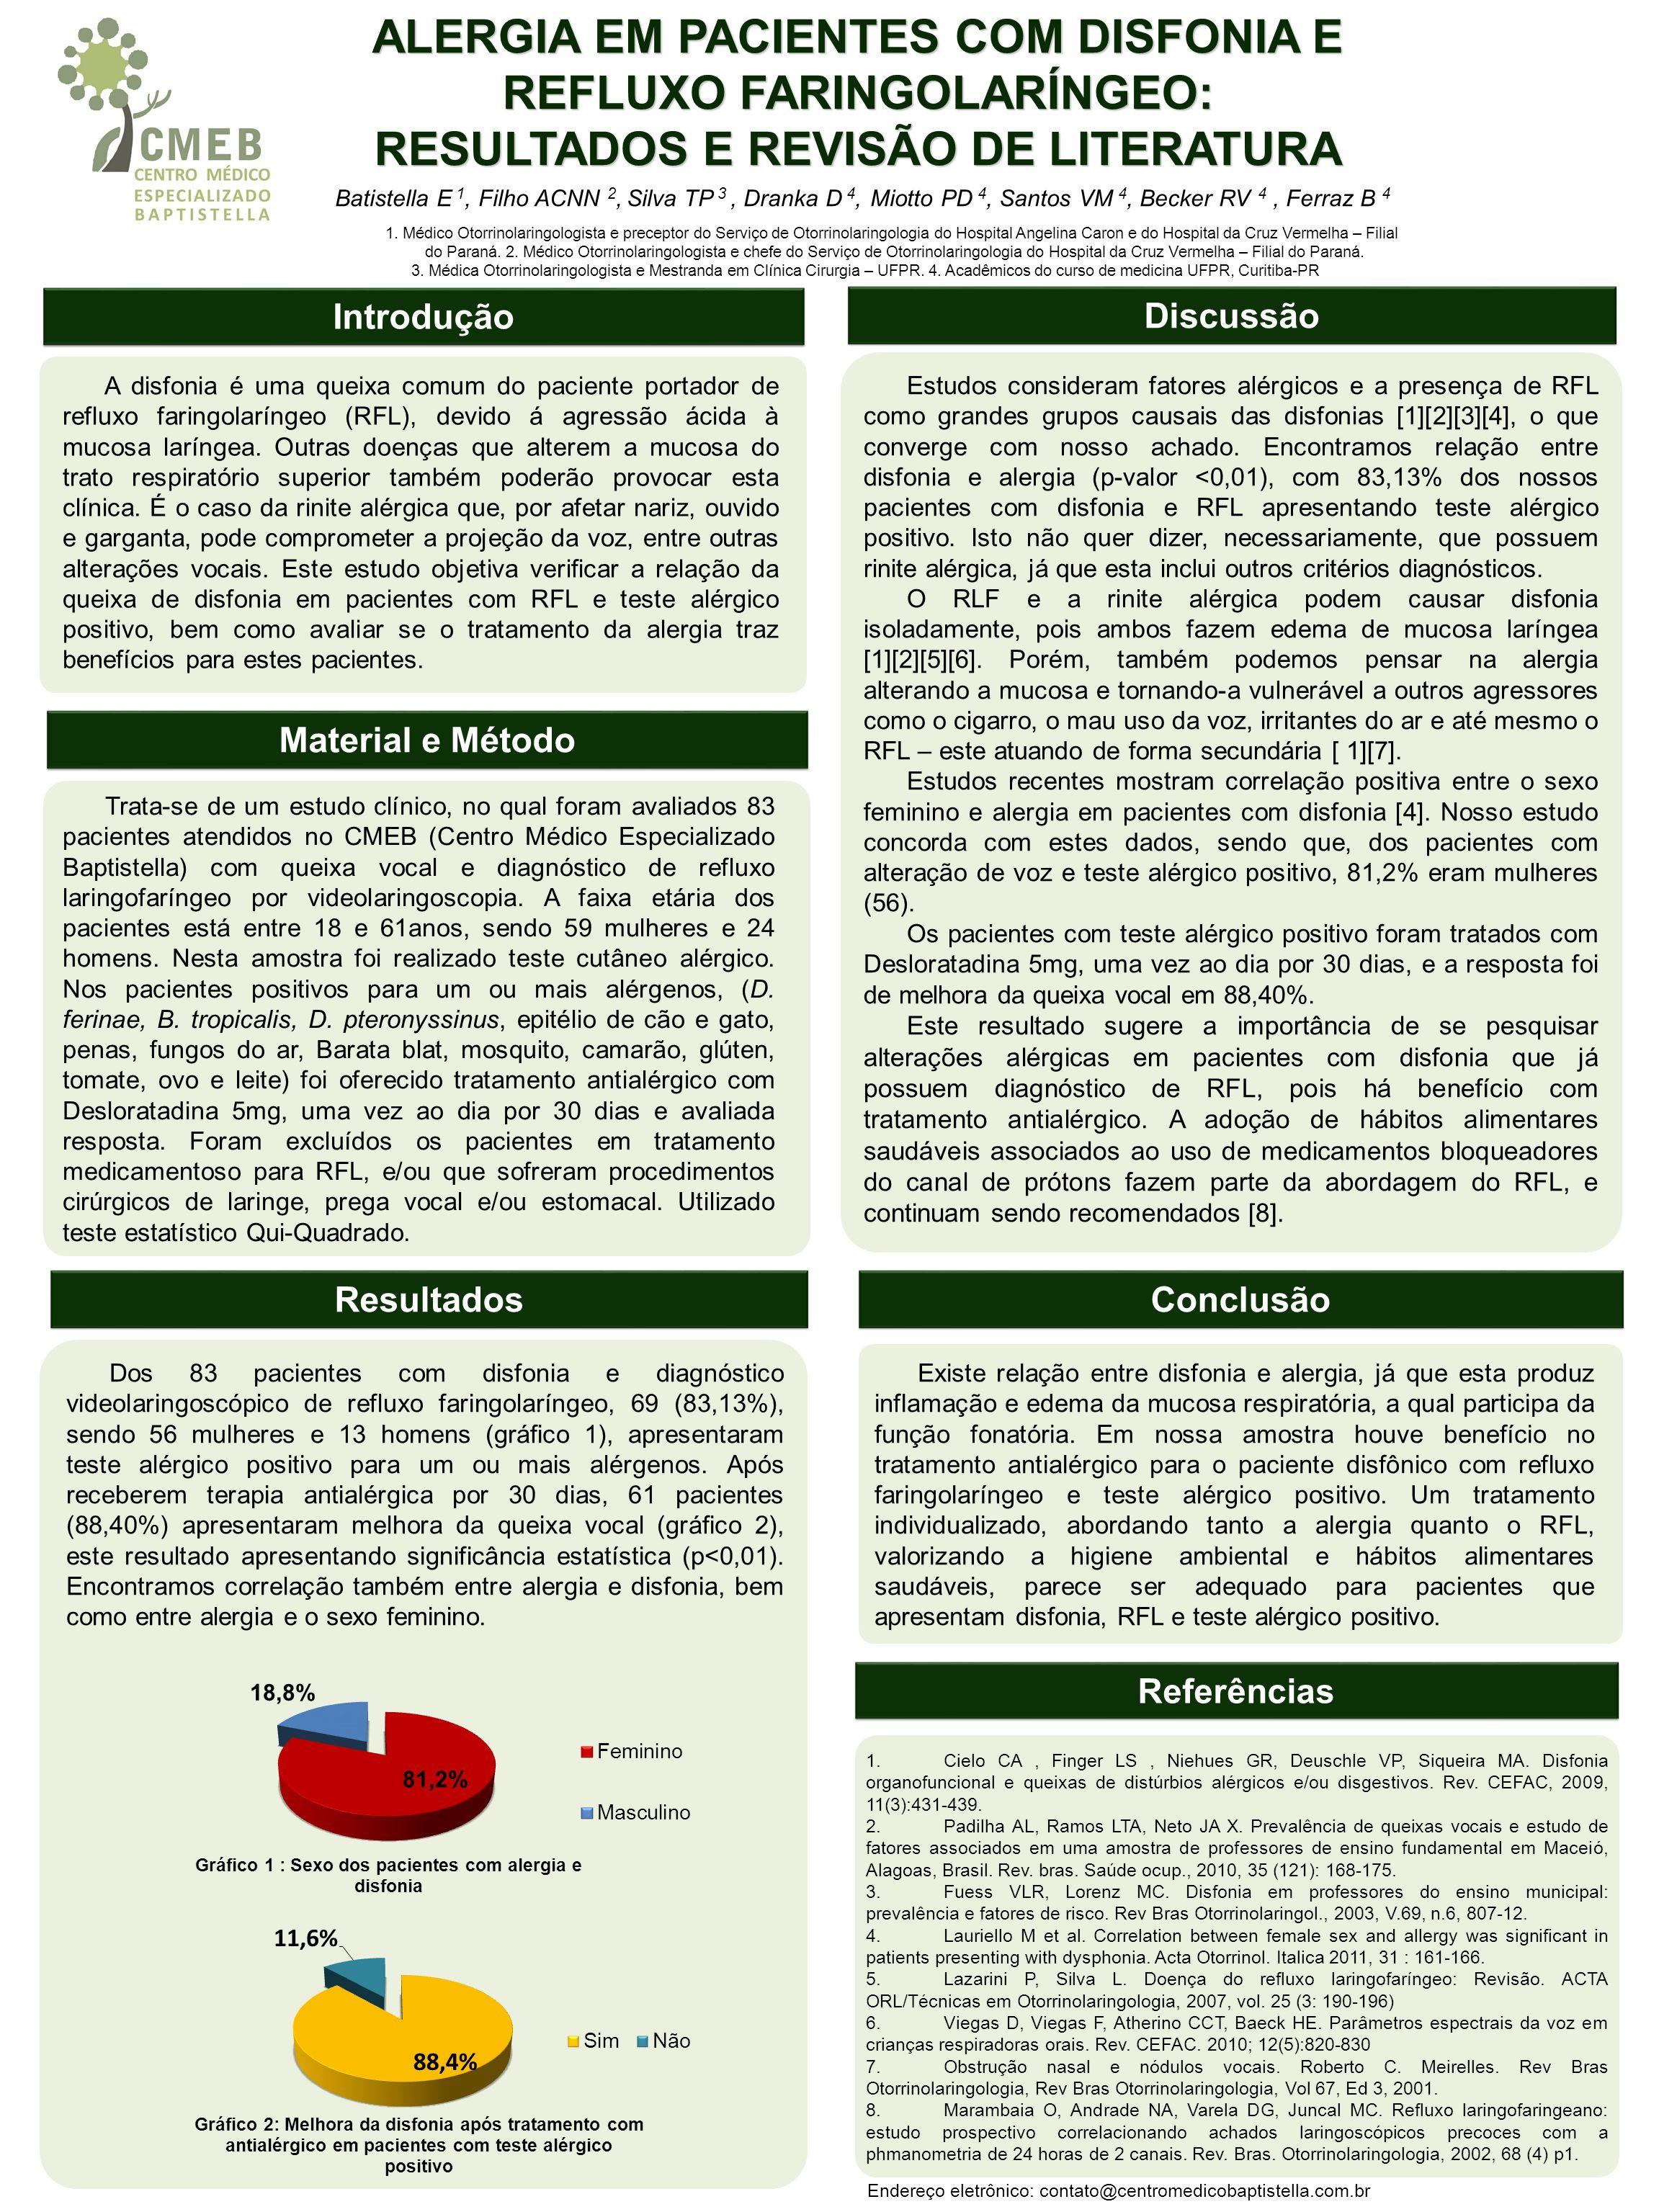 ALERGIA EM PACIENTES COM DISFONIA E REFLUXO FARINGOLARÍNGEO: